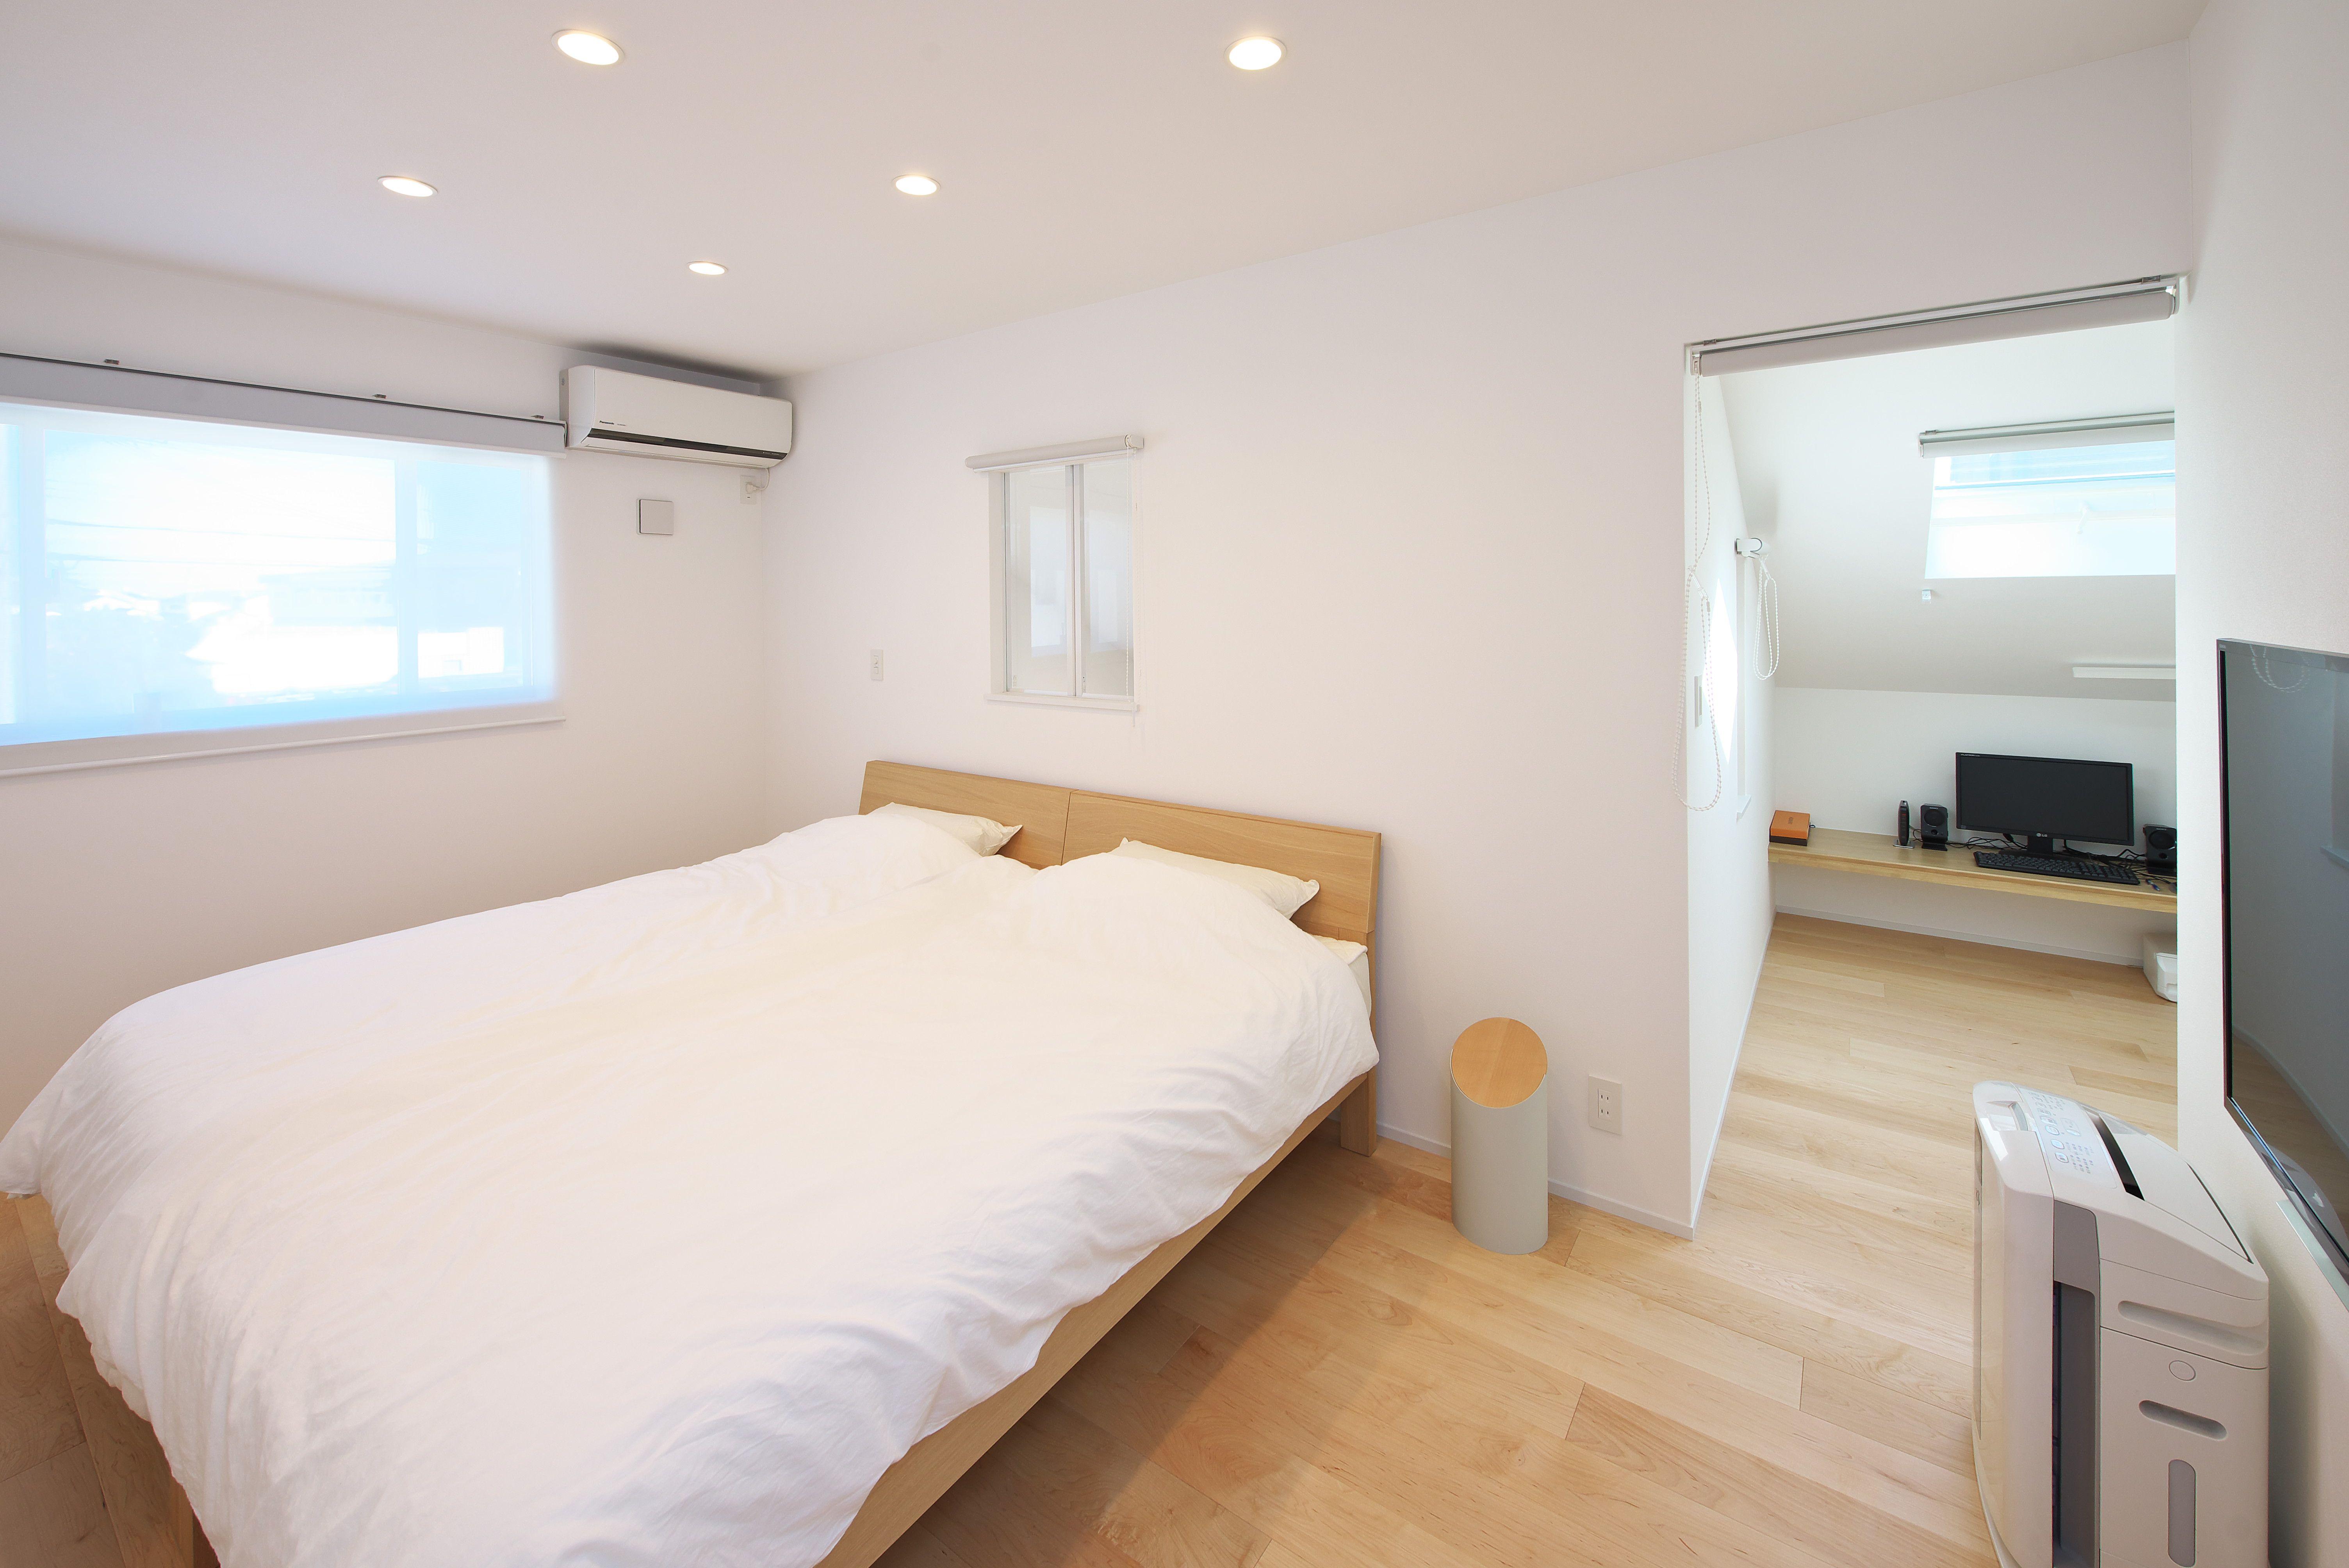 シンプルにこだわったスッキリとした 寝室 奥には トップライト のある明るい 書斎 スペースを ロールスクリーン で 間仕切り もできるのでプライベートな空間も確保できますね 2020 寝室 間仕切り 奥